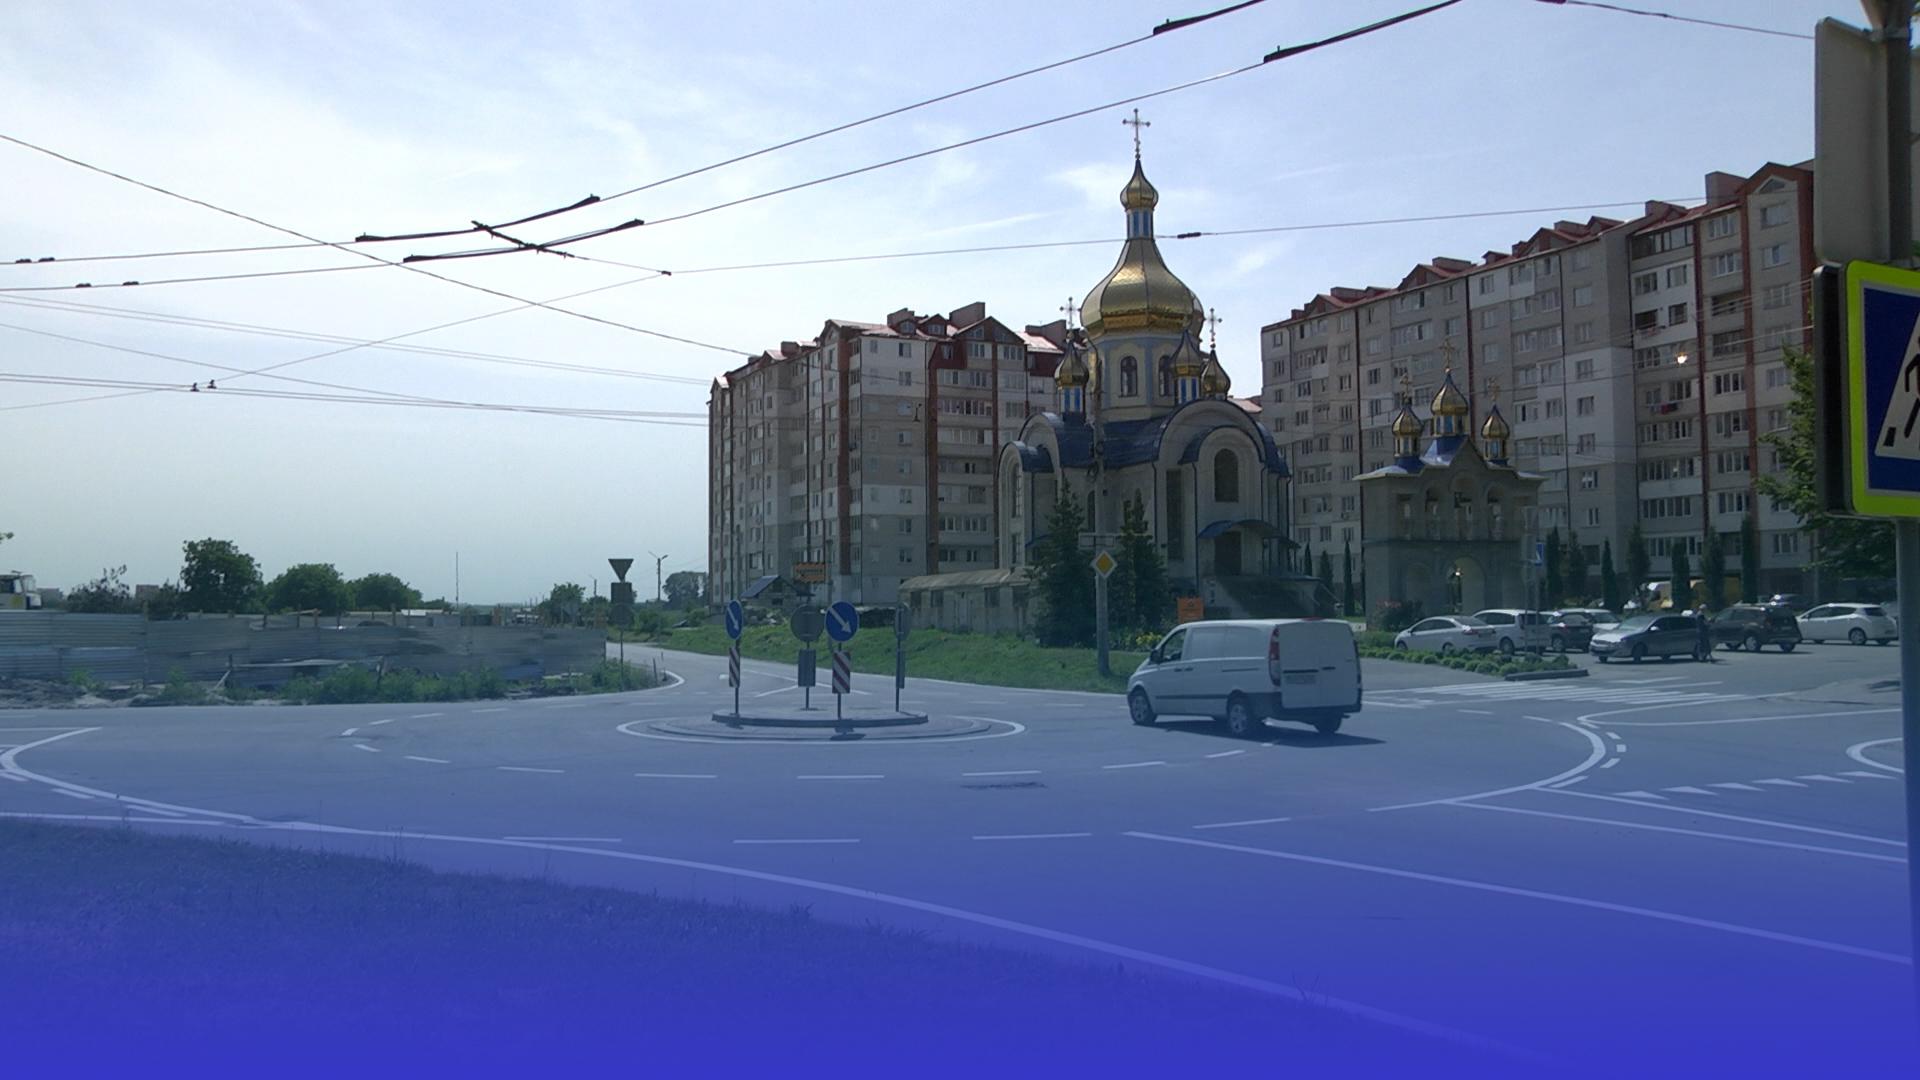 У Тернополі затвердили кругове перехрестя між вулицями Купчинського-Корольова